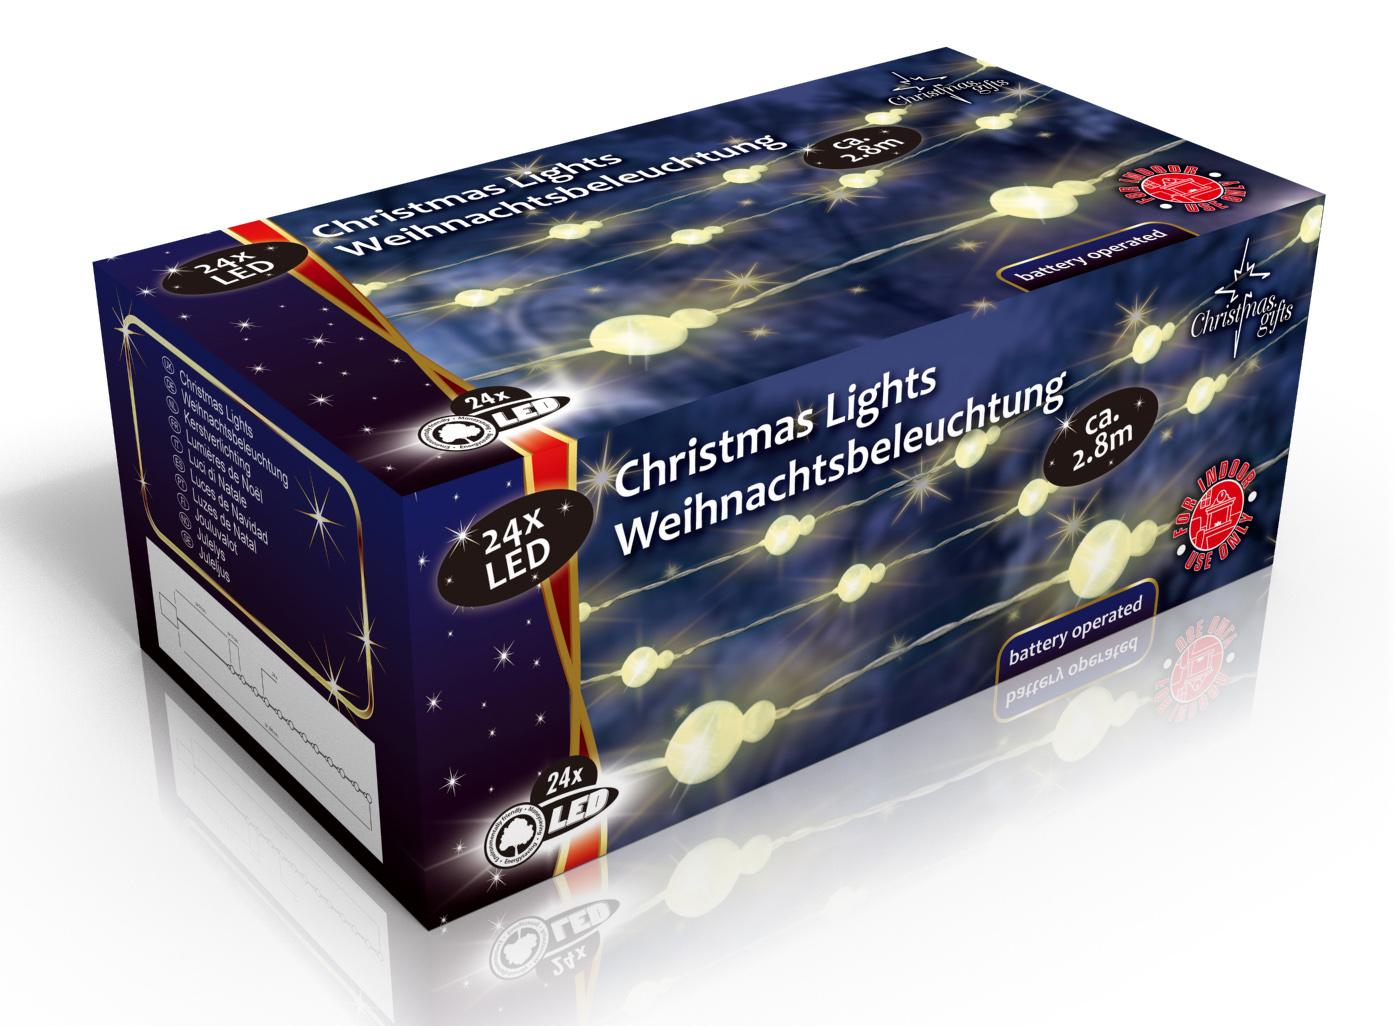 Vánoční vnitřní světelný řetěz 24x LED sněhové koule, na baterie 3x AA, délka 2.8 m